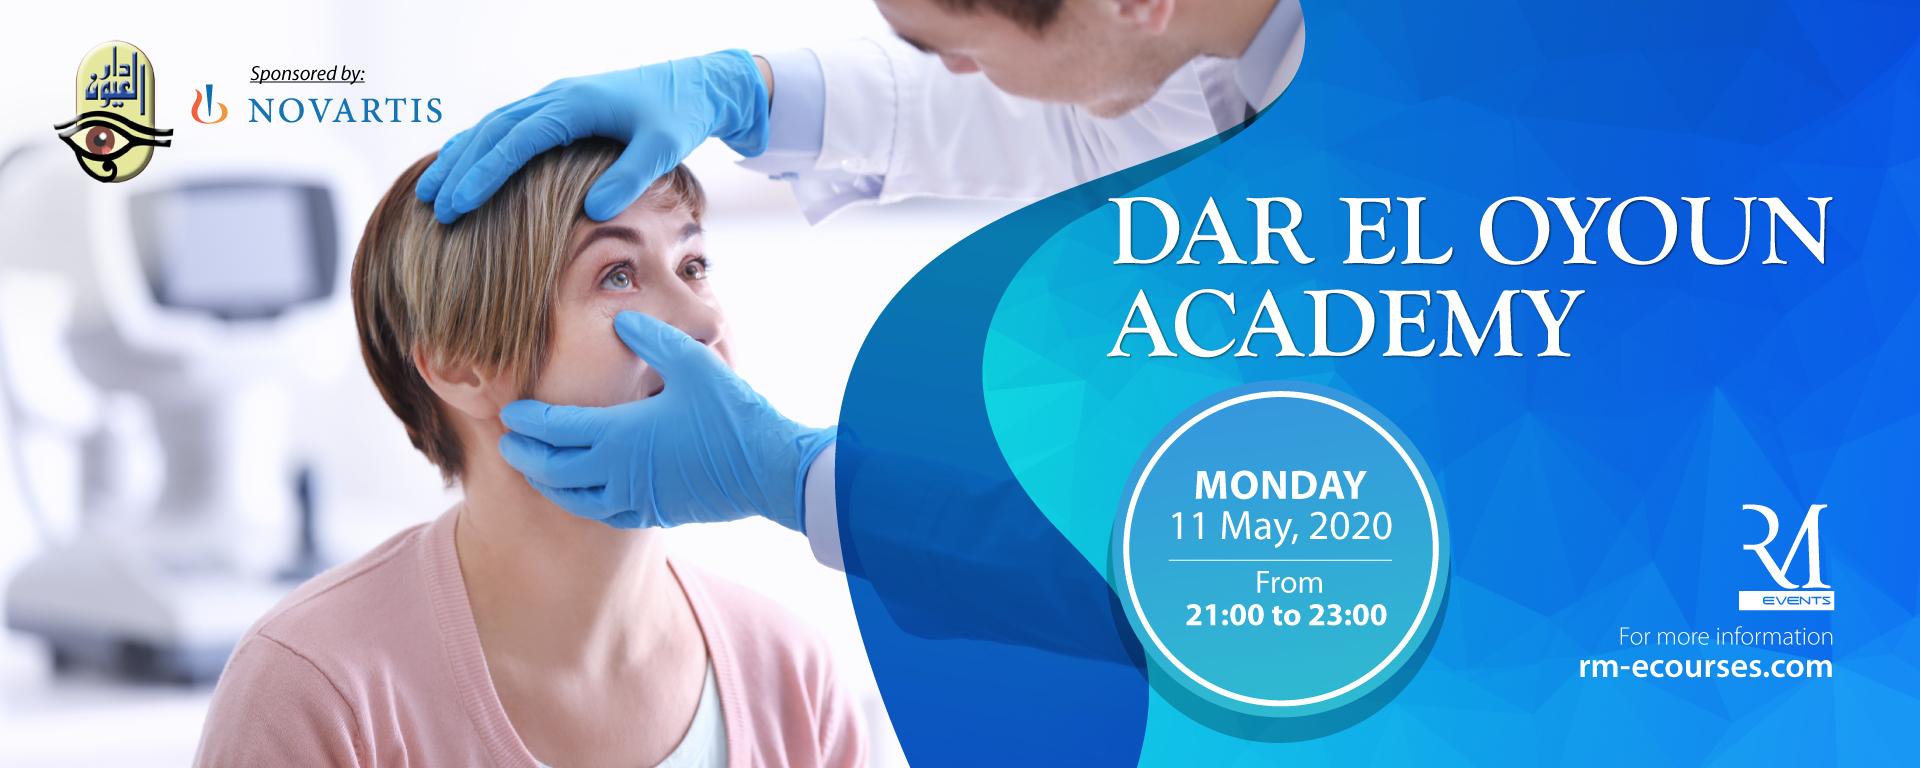 Dar El Oyoun Academy